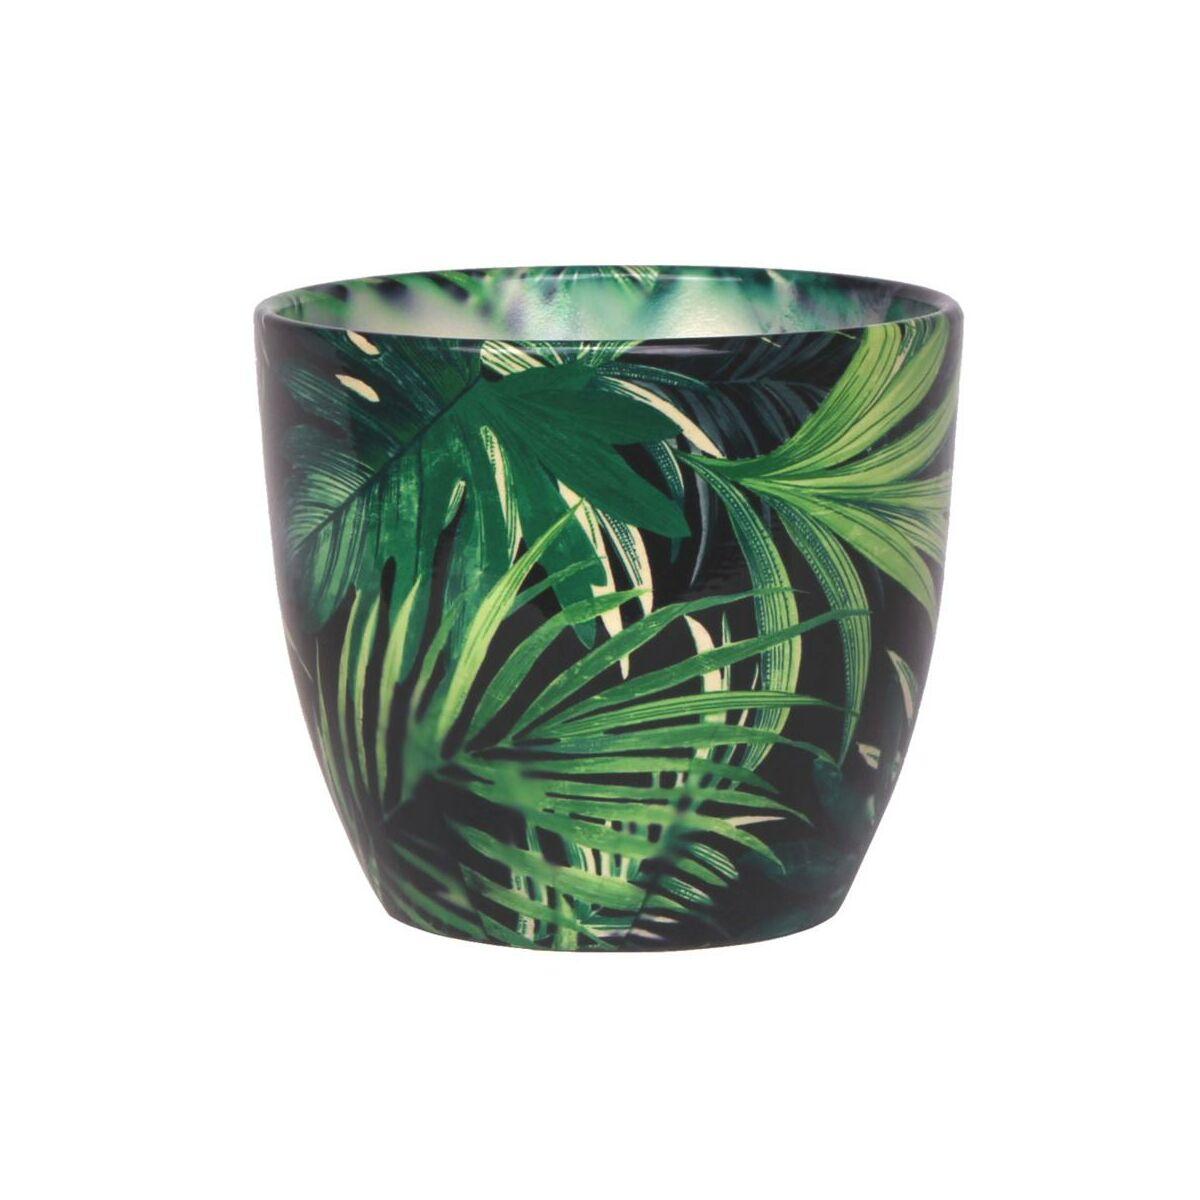 Osłonka Ceramiczna 145 Cm Zielona Wenus Eko Ceramika